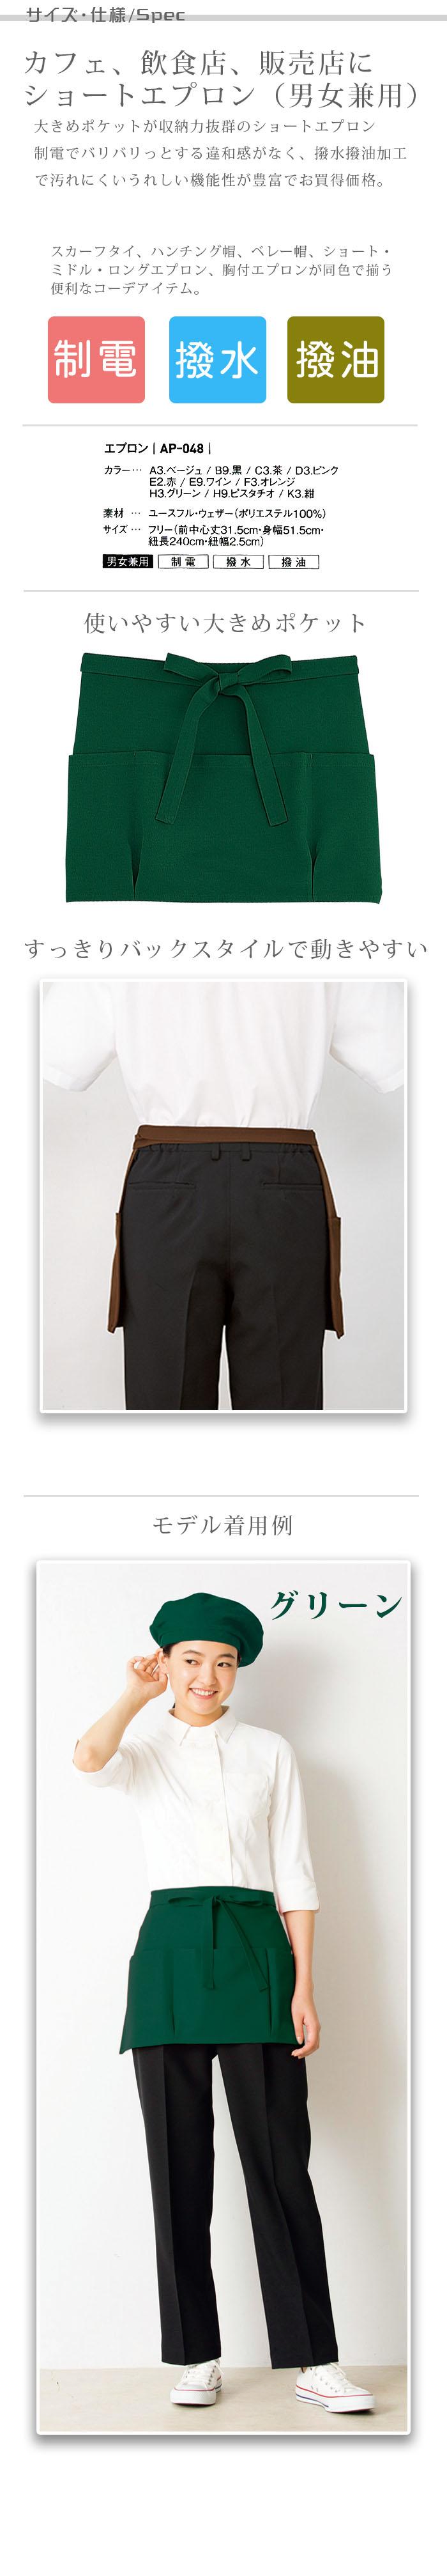 飲食店販売制服 10色から選べるコーデしやすいショートエプロン 撥水・撥油・制電 男女兼用  商品詳細、サイズ、スペック説明